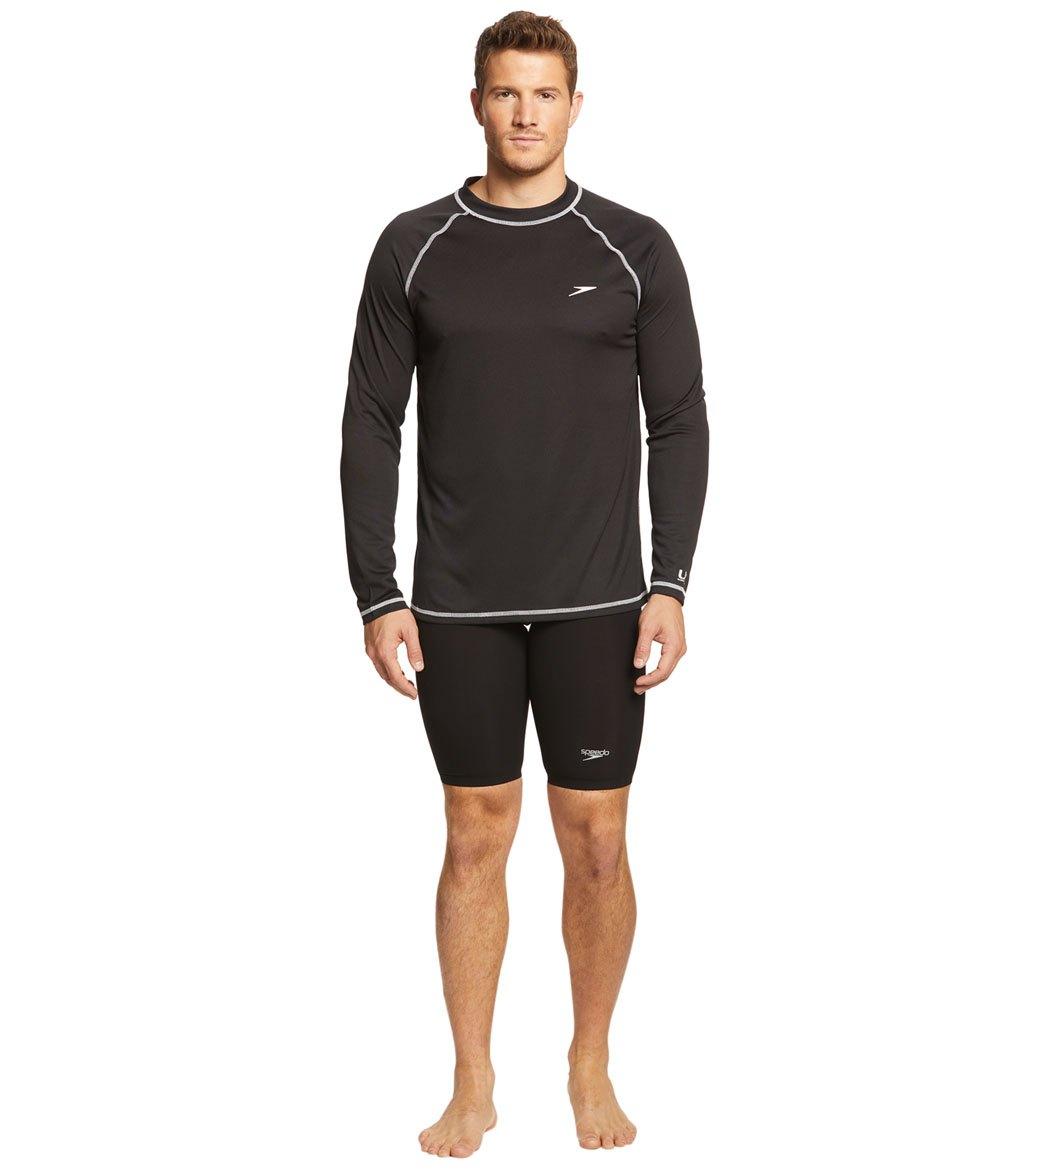 8b25e83d9d28c Speedo Men's Easy Long Sleeve Swim Shirt at SwimOutlet.com